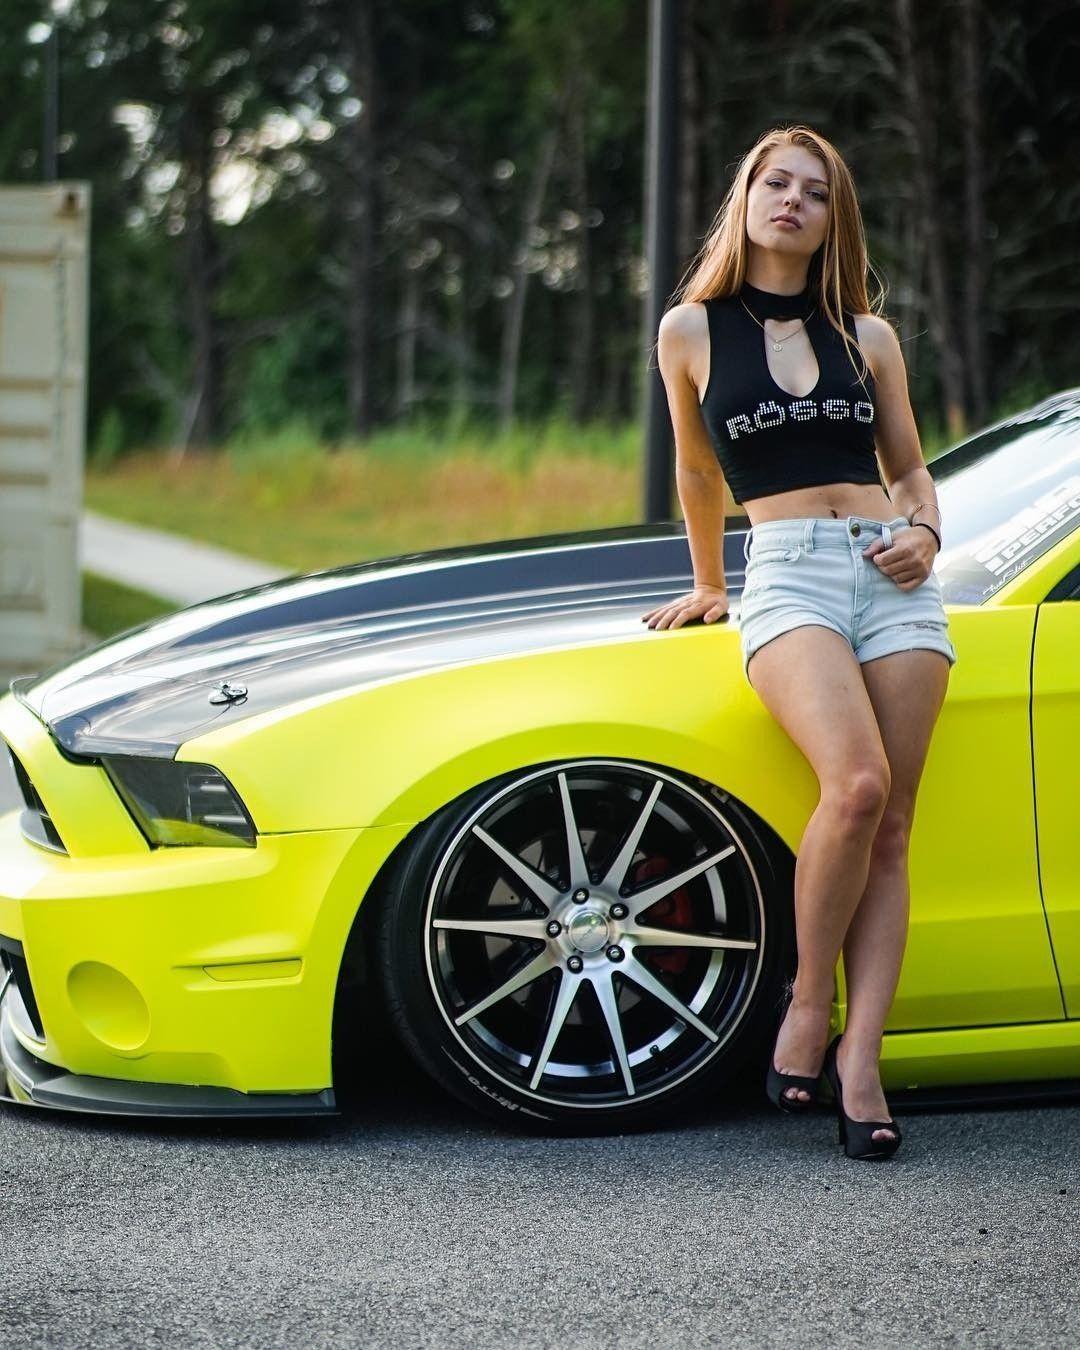 Mustang Woman Models And Hot Cars Mustang Cars Mustang Cars